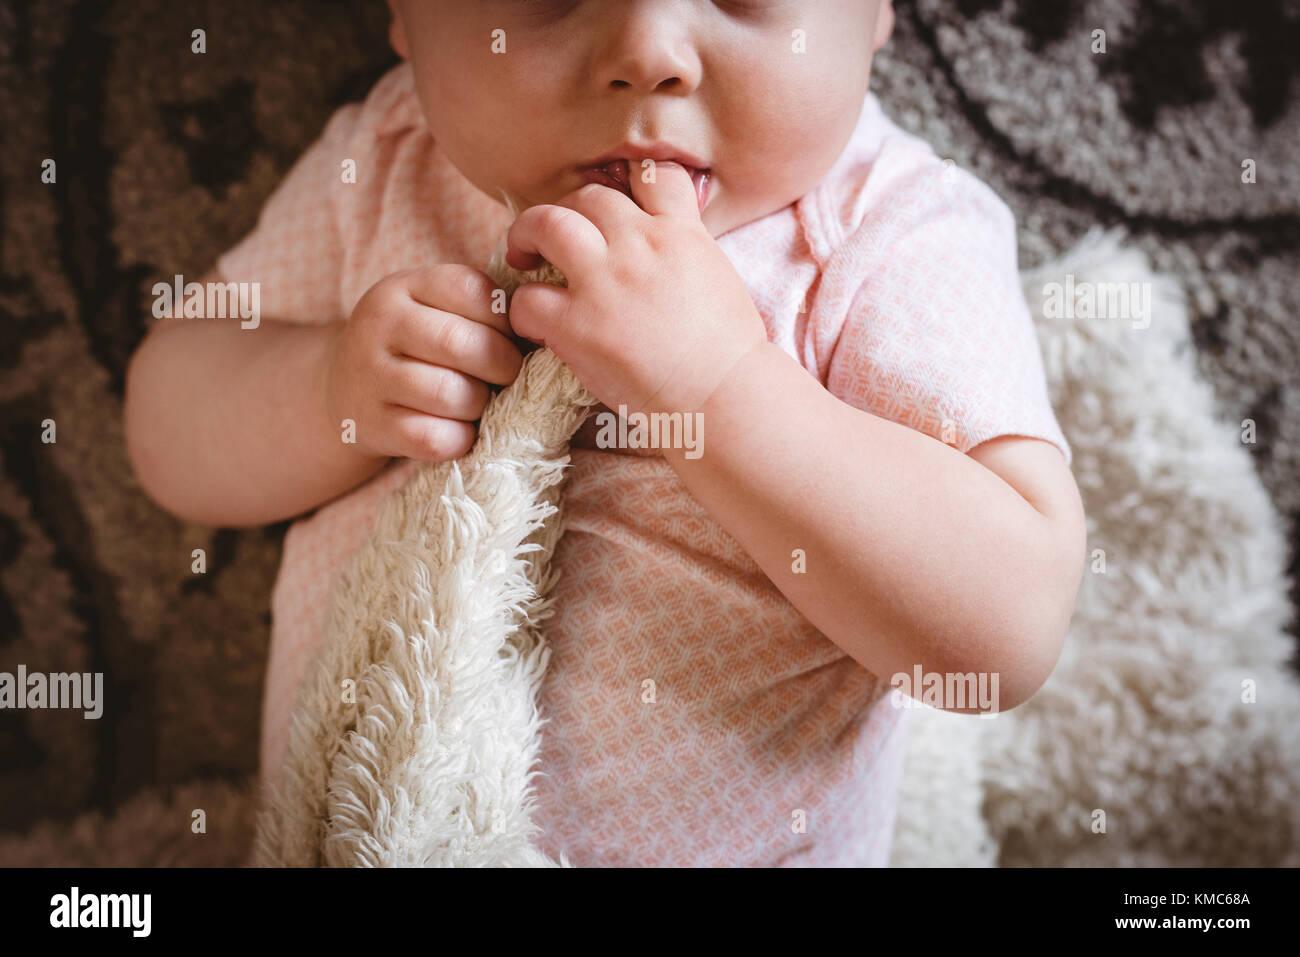 Niedliche Baby liegend auf Decke Stockbild